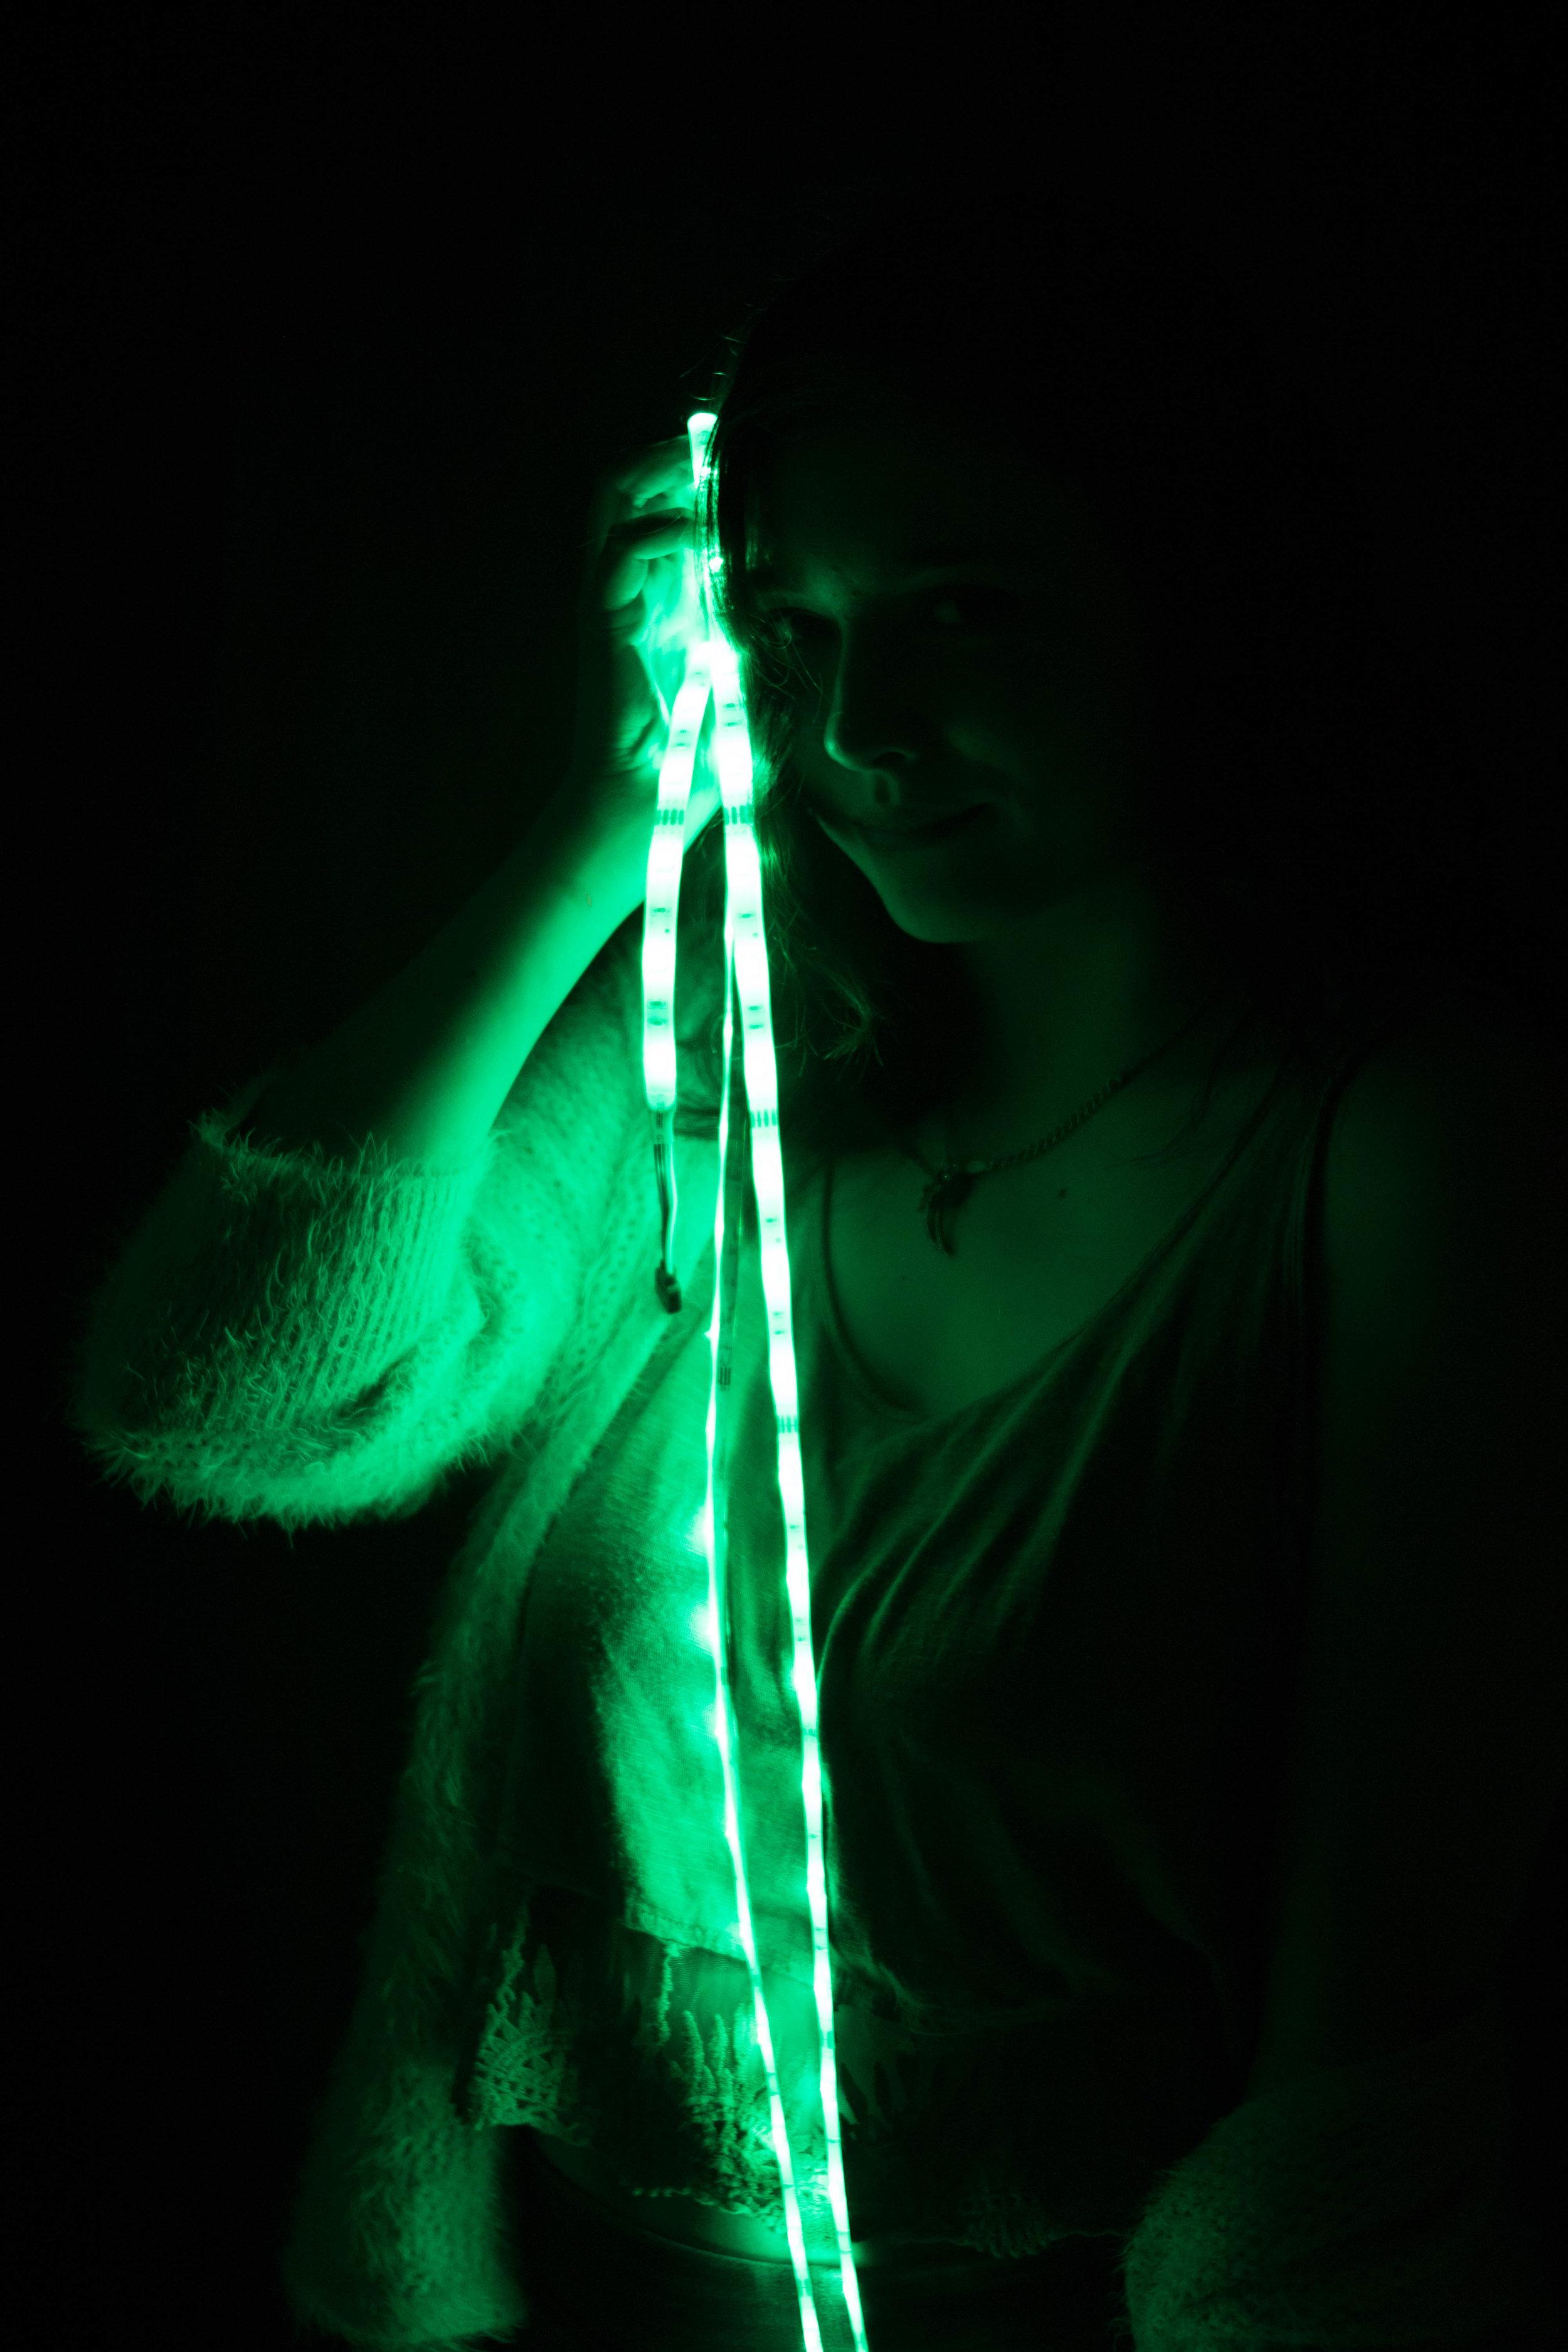 lightboiz-34.jpg